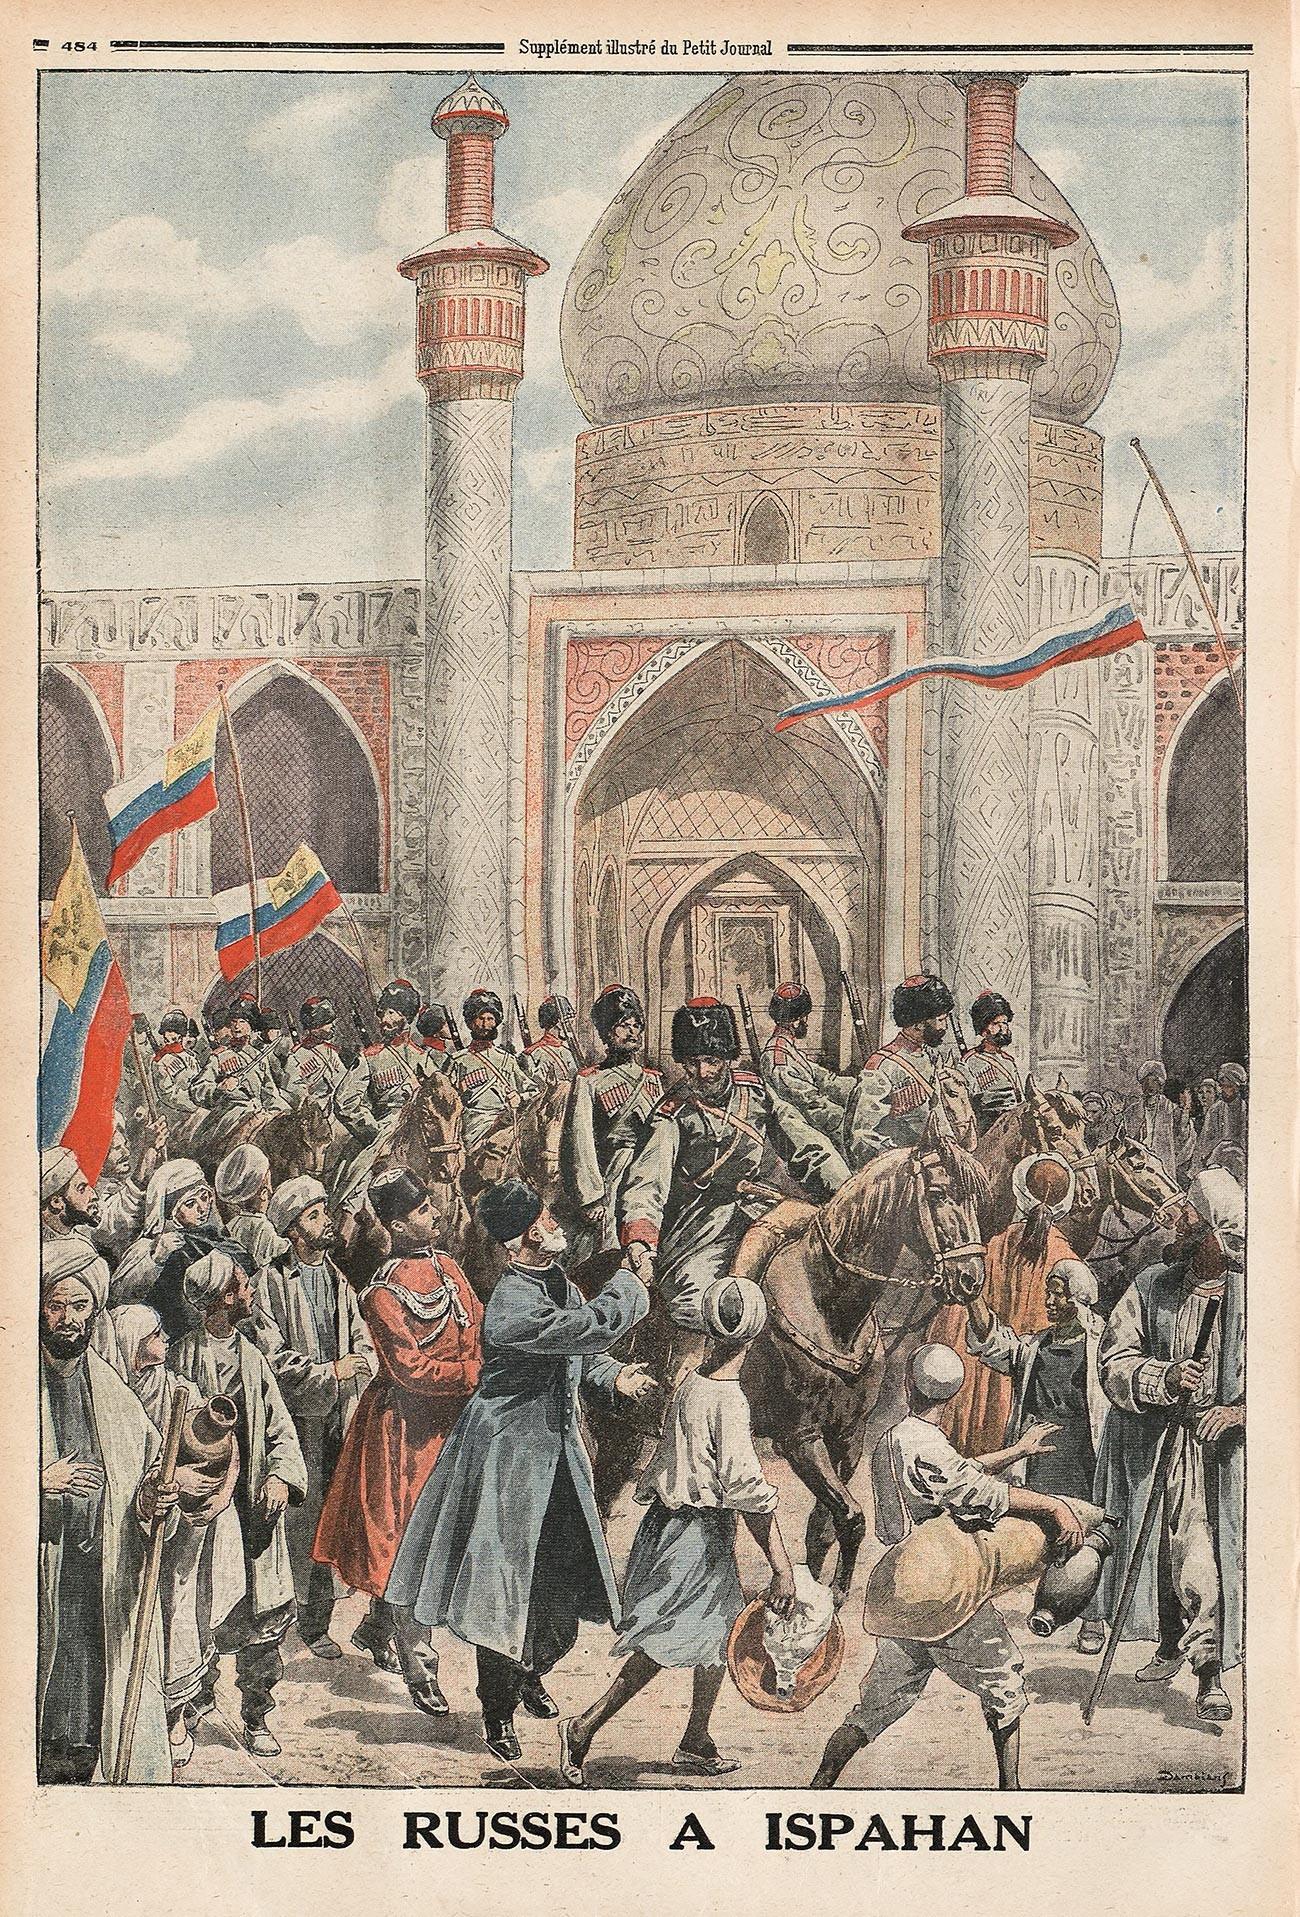 Pasukan Rusia di Kota Isfahan.